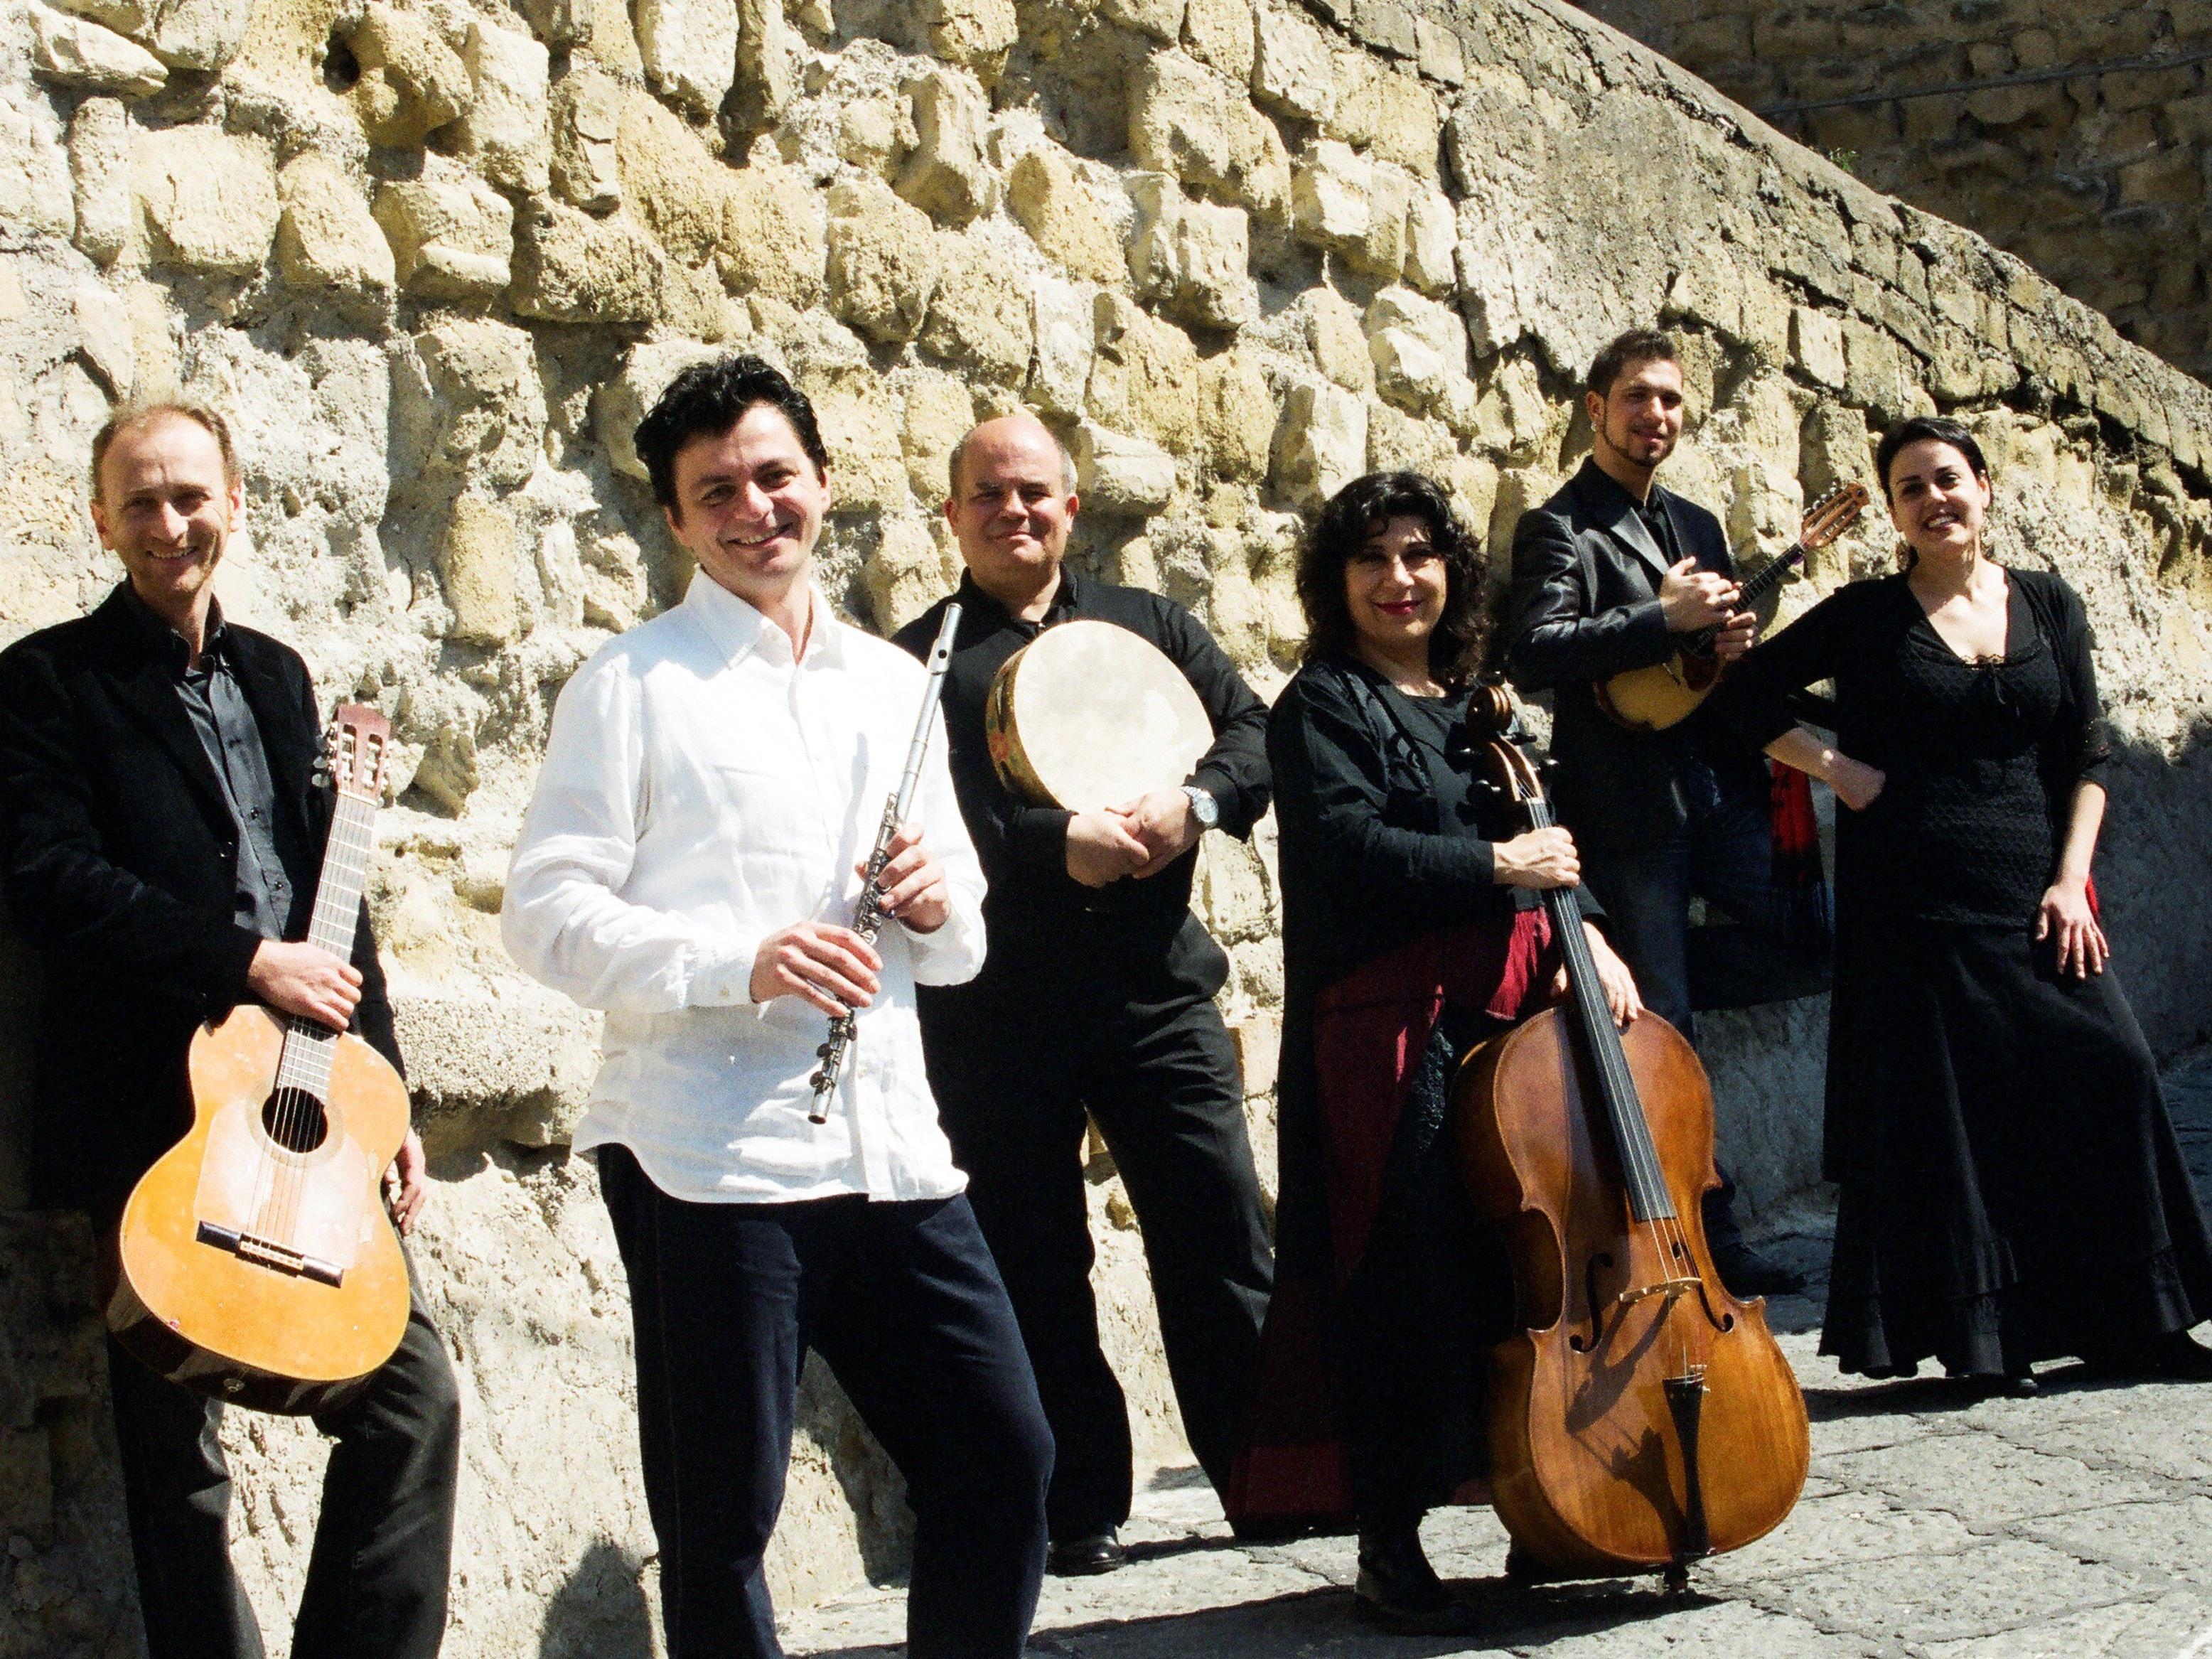 Am 5. Mai kommen mit dem Neapolis Ensemble Mittelmeergefühle im Freudenhaus auf.